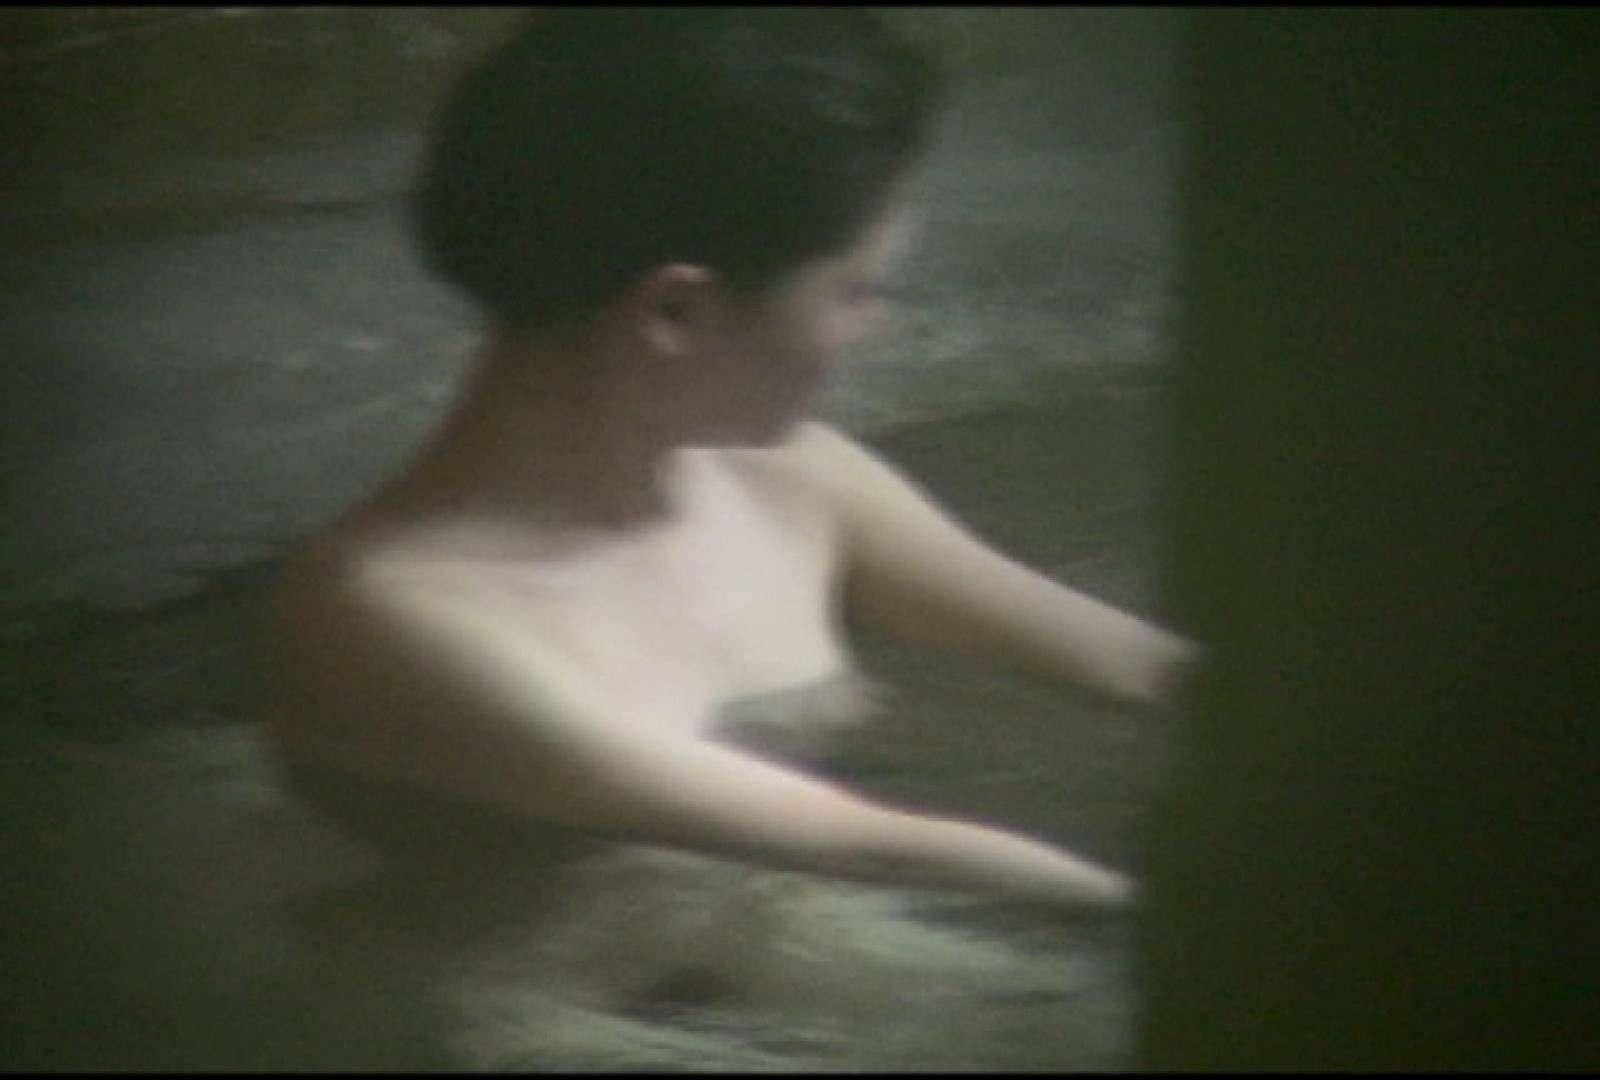 Aquaな露天風呂Vol.699 綺麗なOLたち | 盗撮  105枚 55